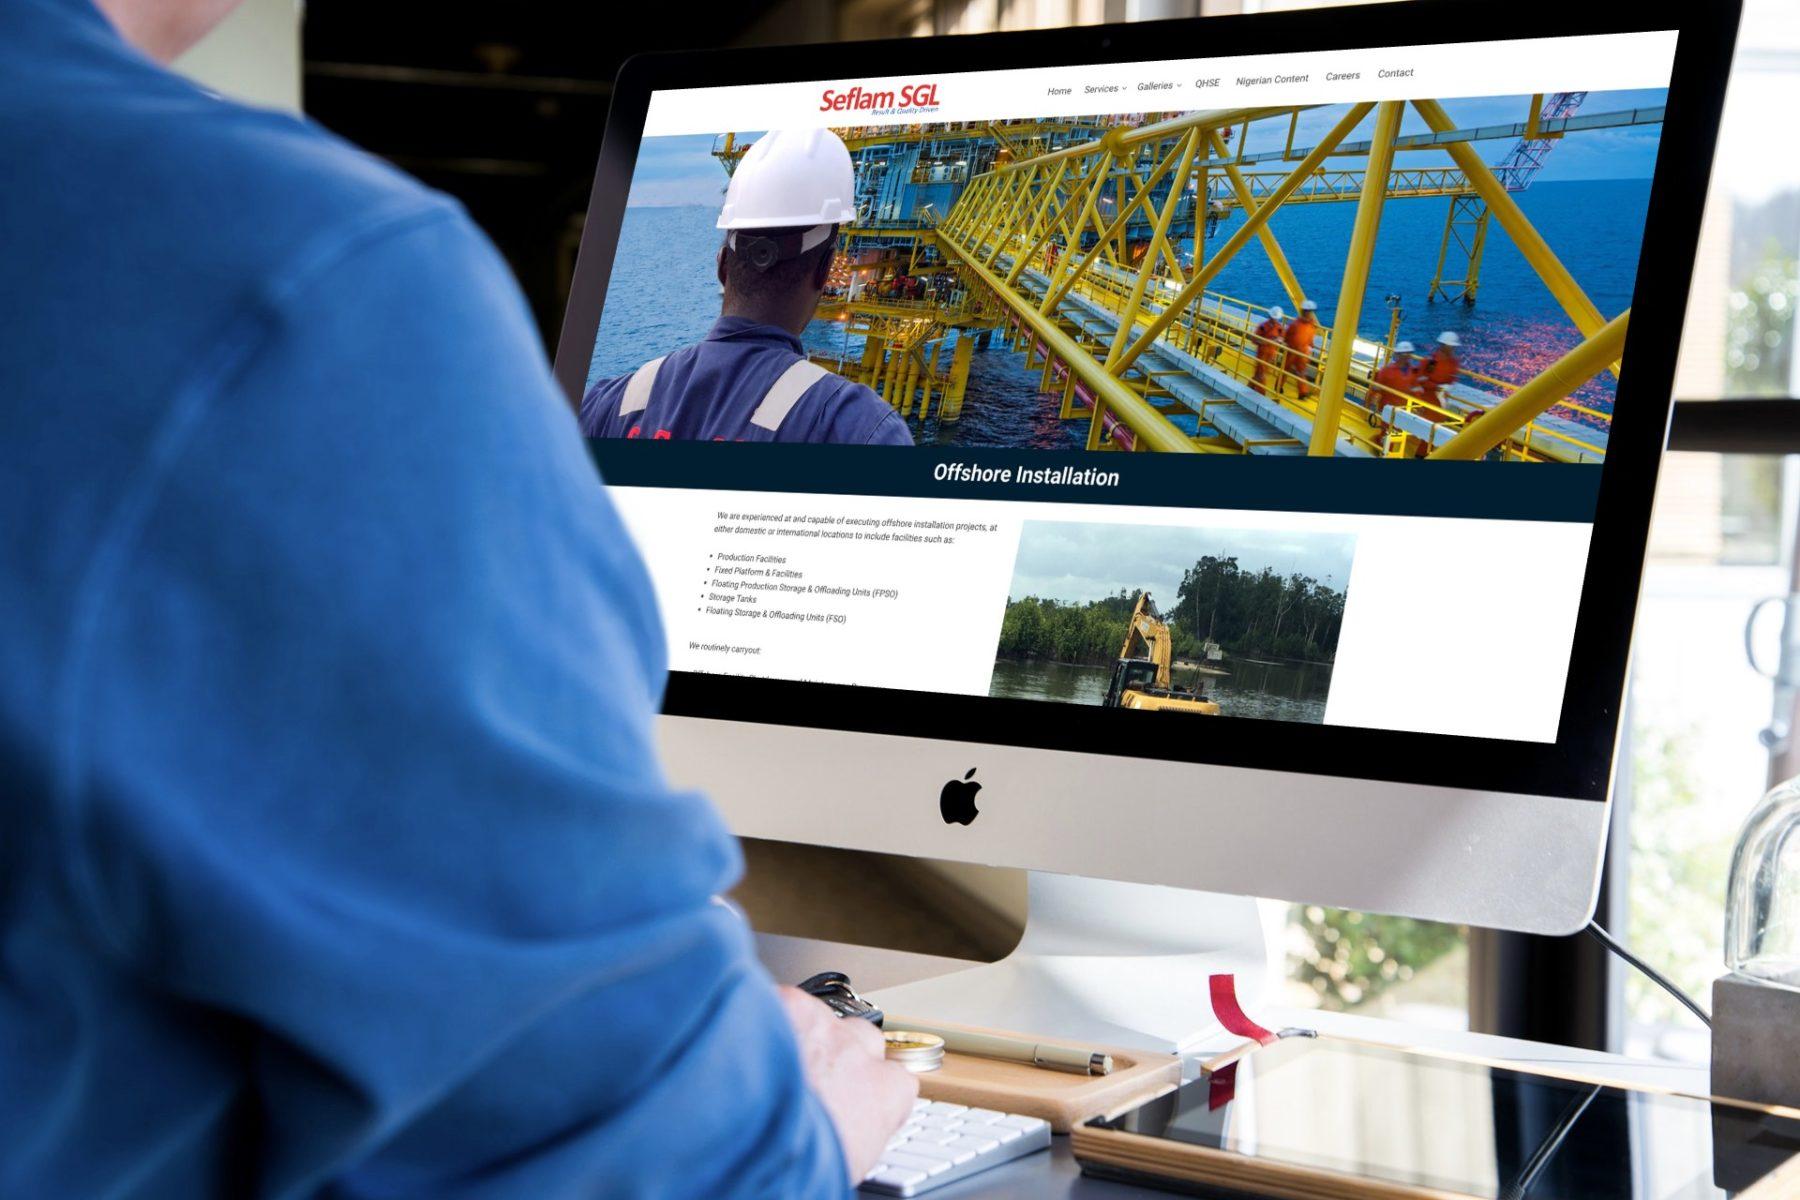 Oil & Gas Web Design Houston